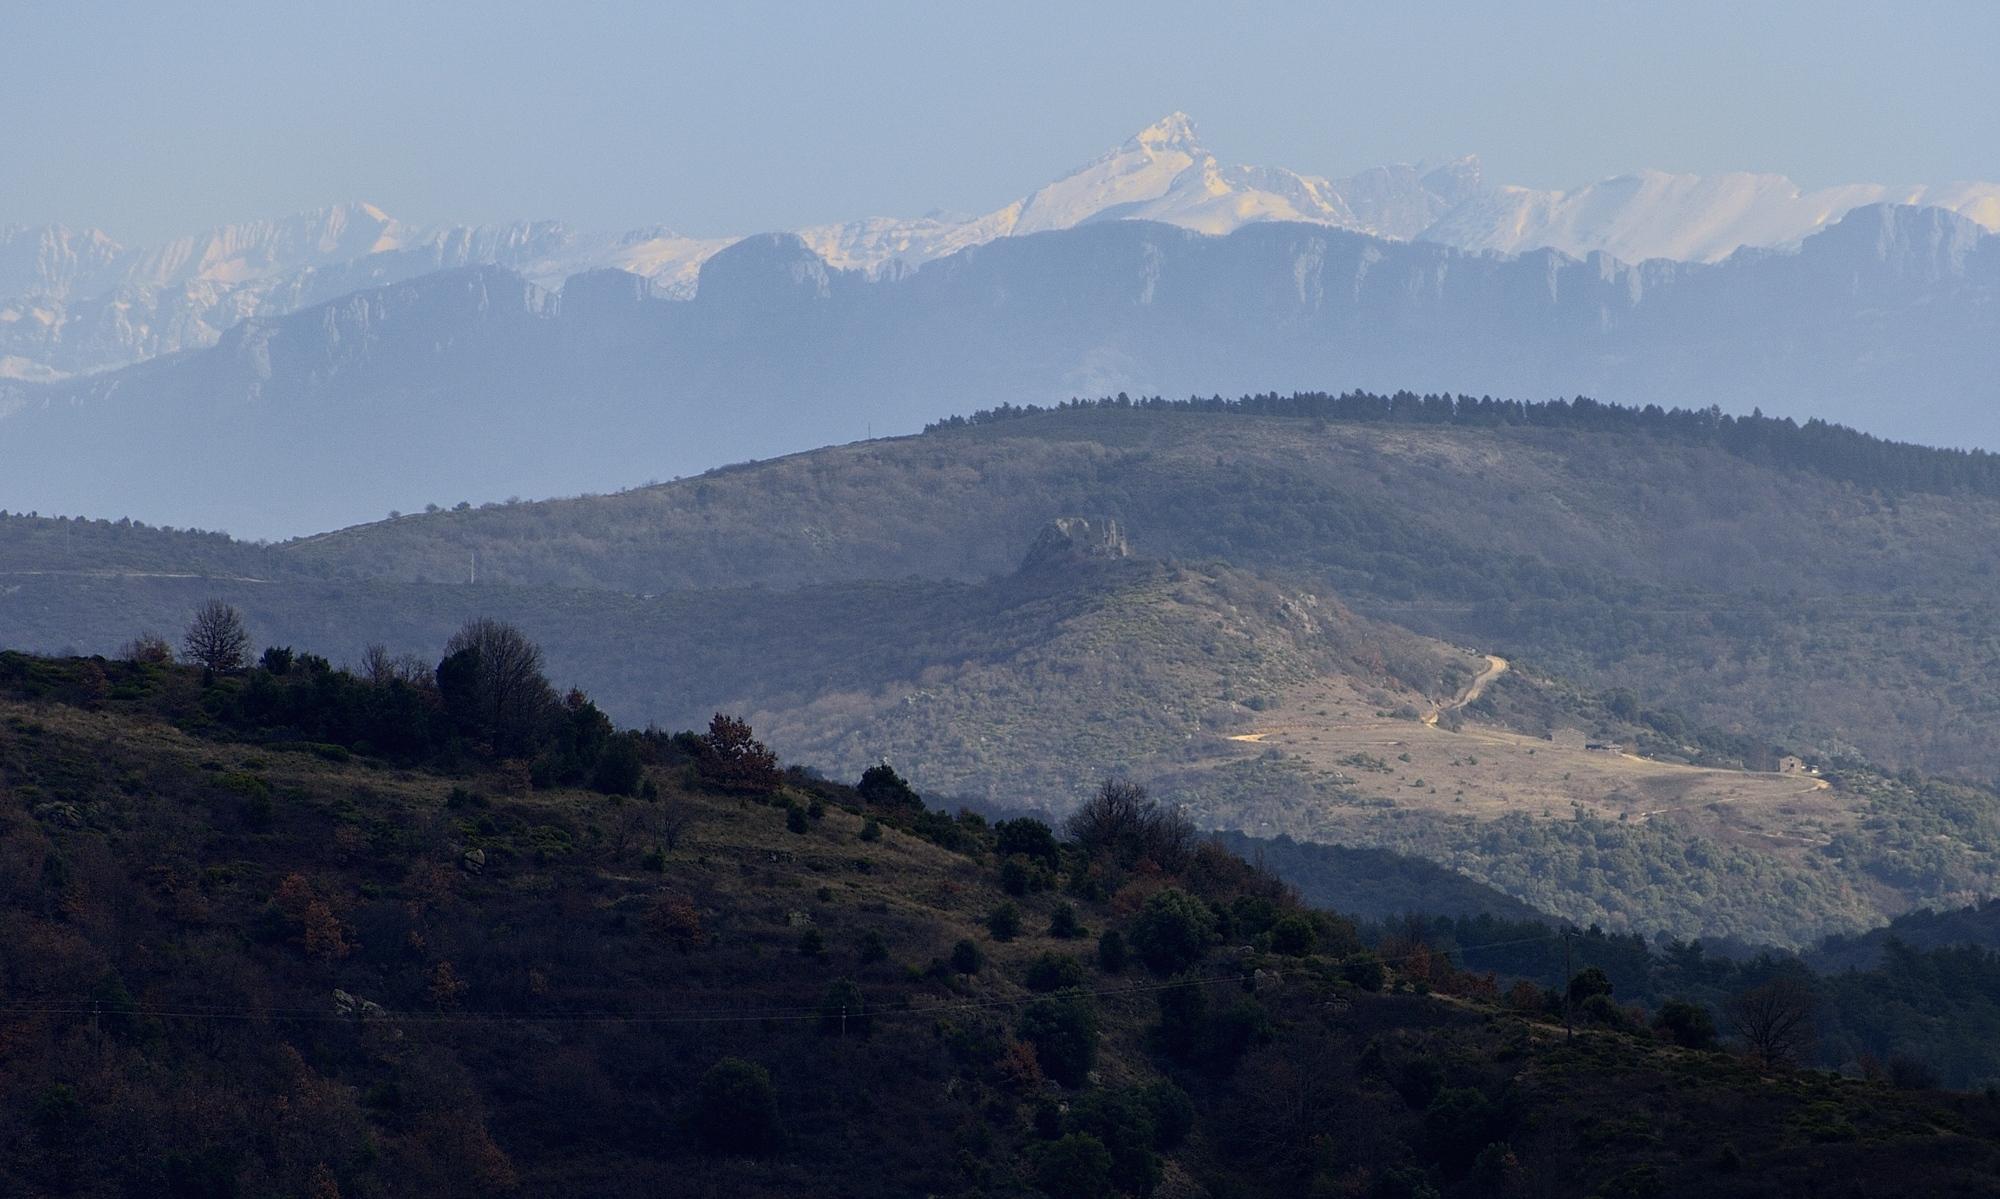 Gilhac-et-Bruzac